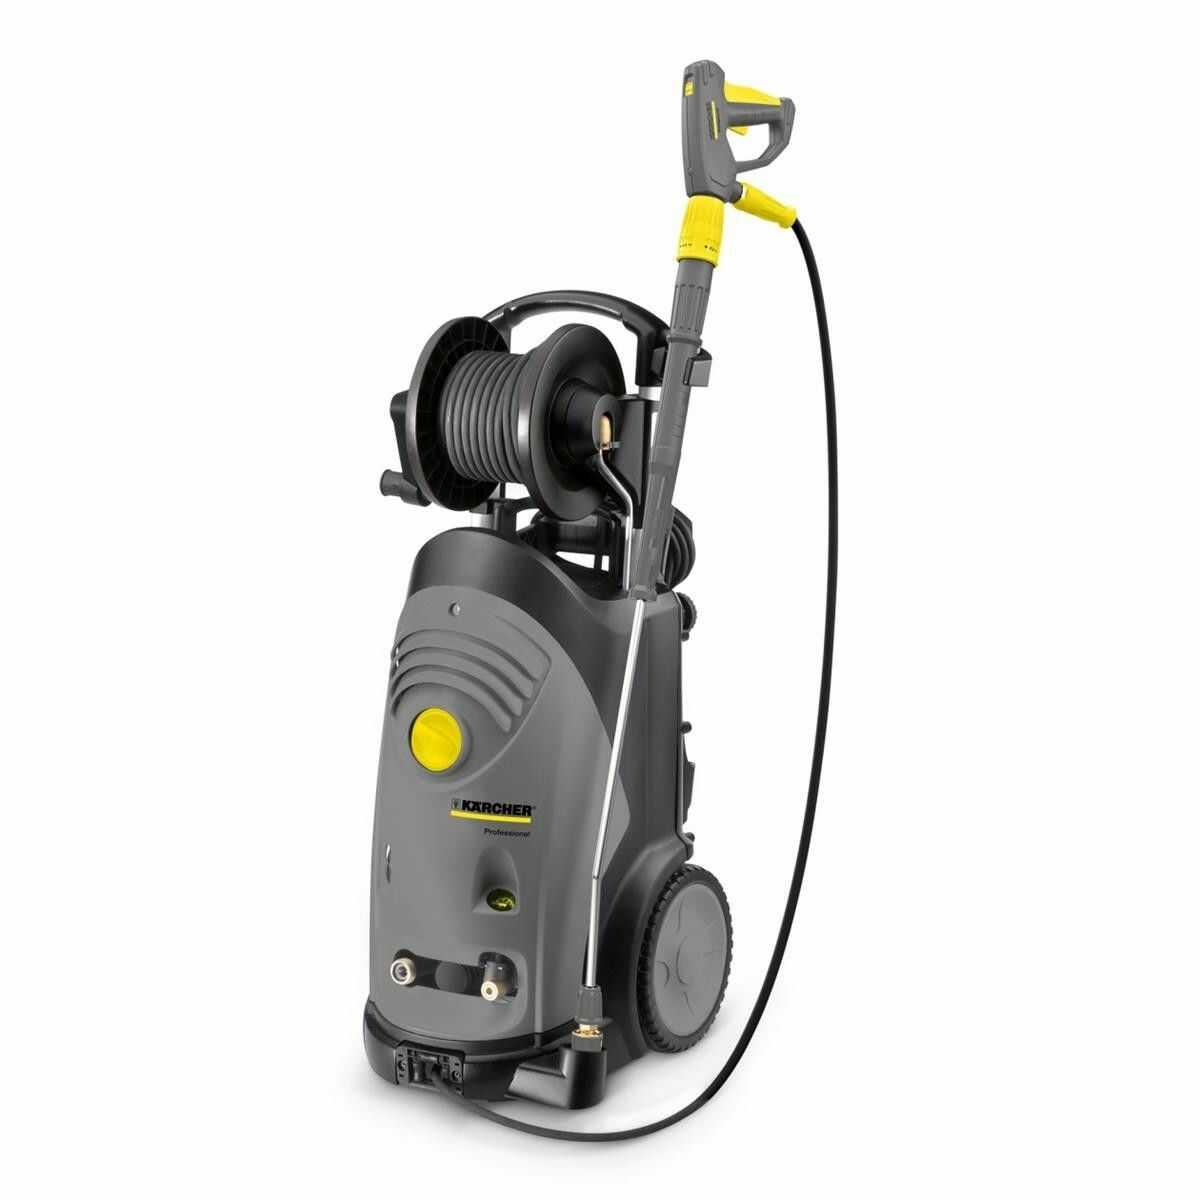 Myjka ciśnieniowa zimnowodna klasy średniej Karcher HD 9/20 4MX Plus